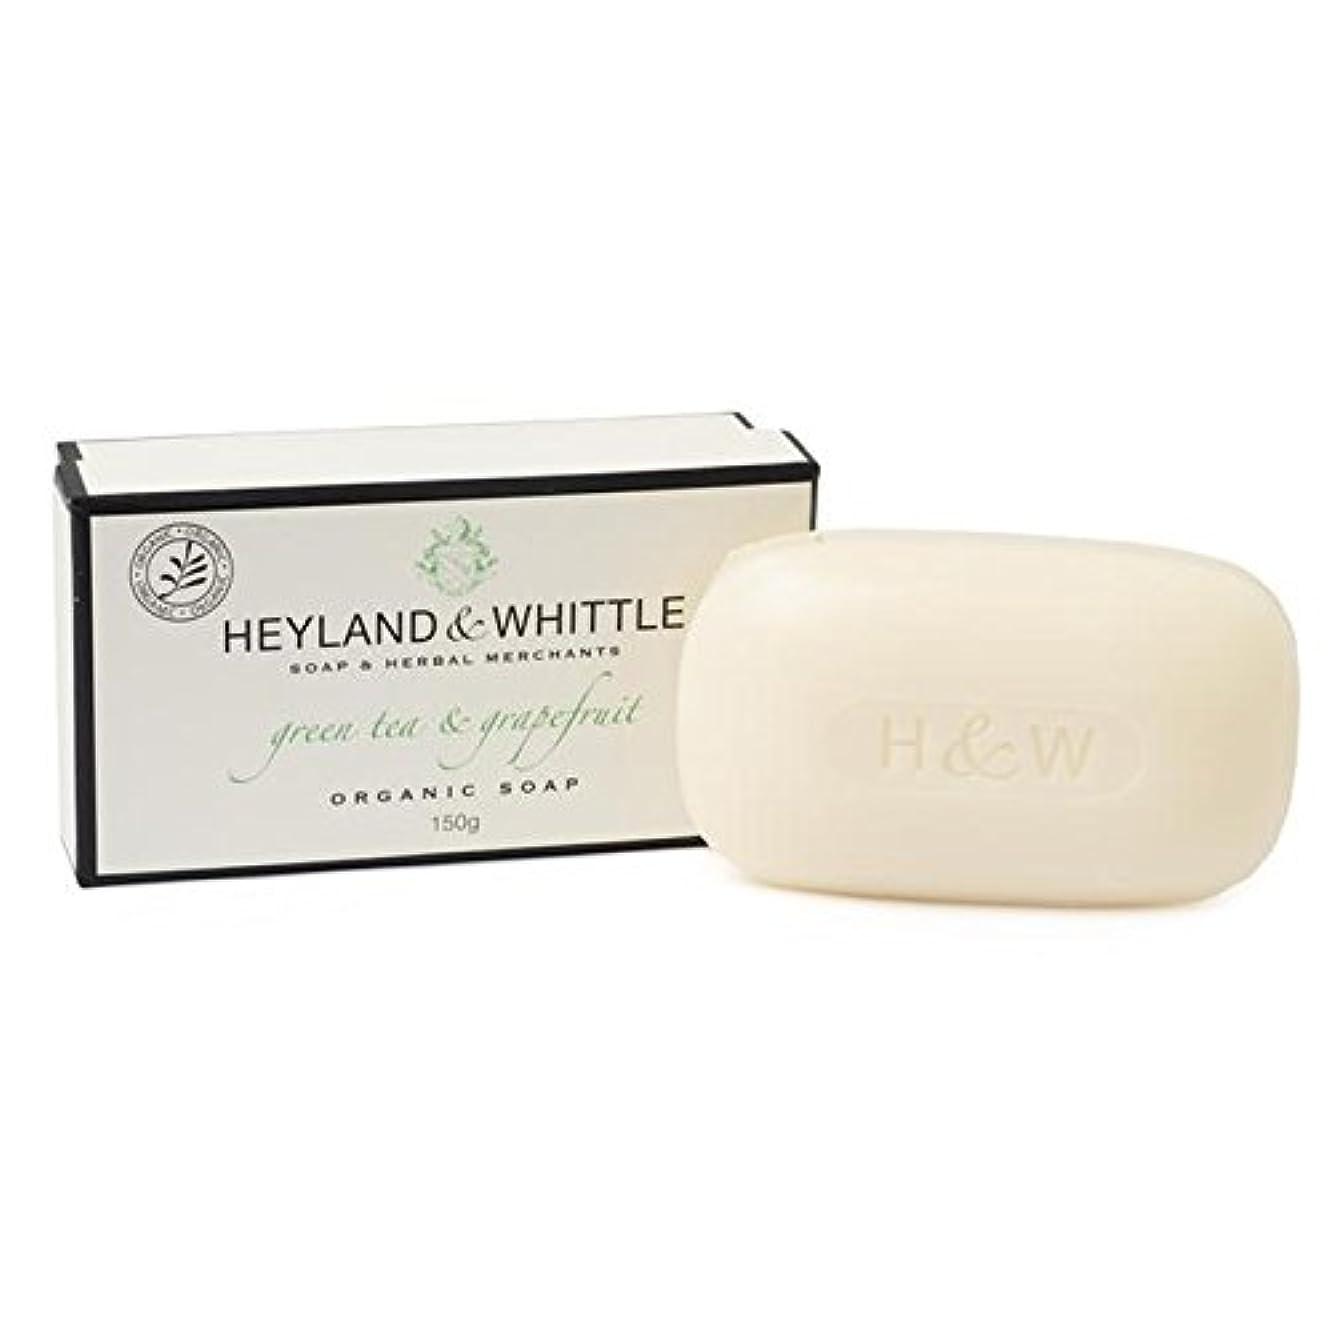 分析的意外防衛&削る緑茶&グレープフルーツはオーガニックソープ150グラム箱入り x4 - Heyland & Whittle Green Tea & Grapefruit Boxed Organic Soap 150g (Pack...